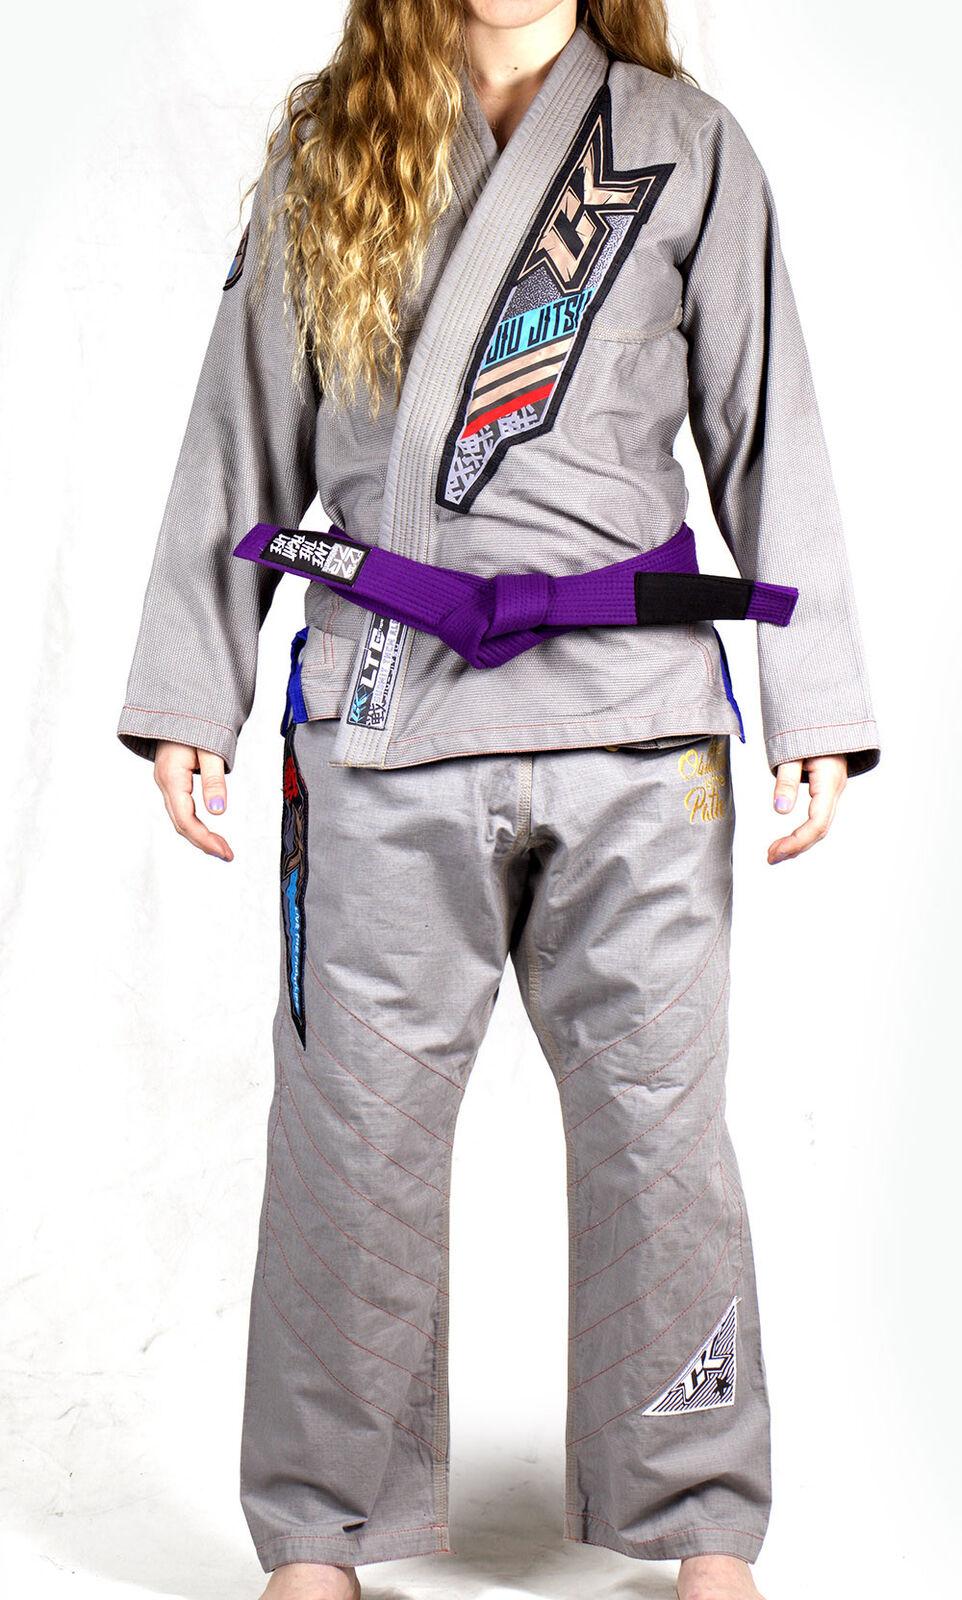 Contract Killer Donna Uccidere Bjj Jiu Jitsu Gi  Grigio